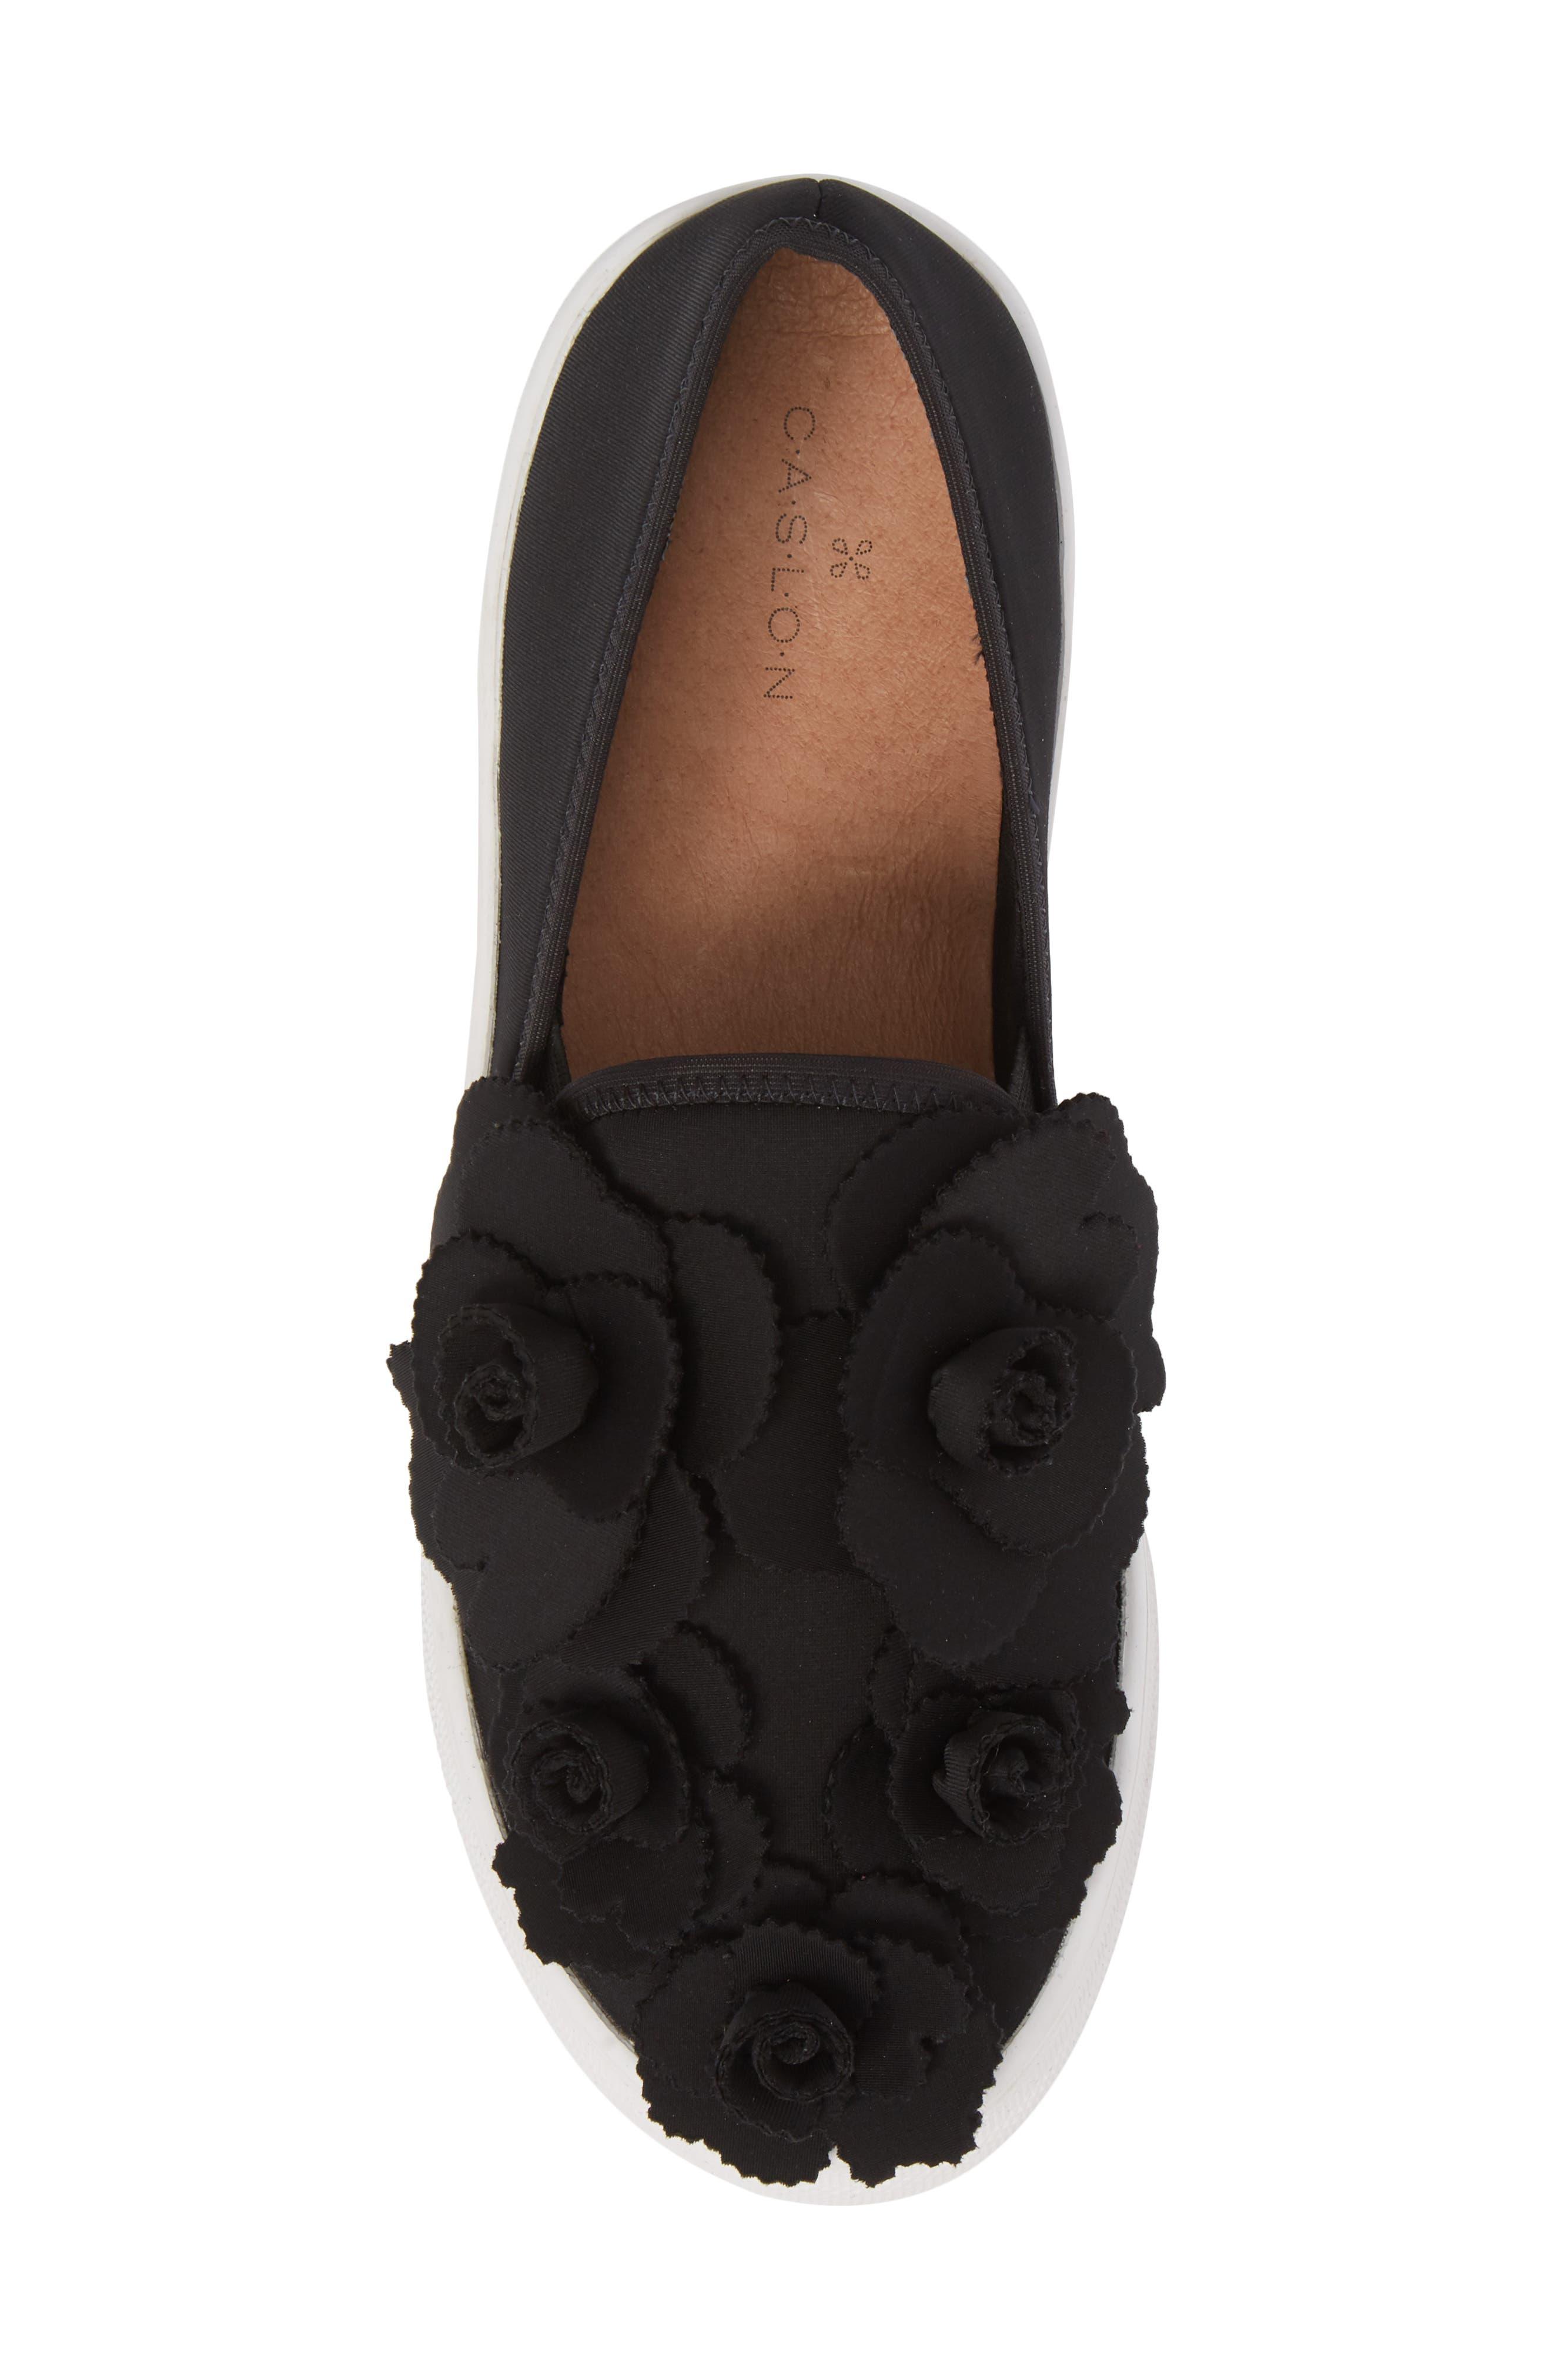 Alden Floral Embellished Slip-On Sneaker,                             Alternate thumbnail 5, color,                             Black Flower Neoprene